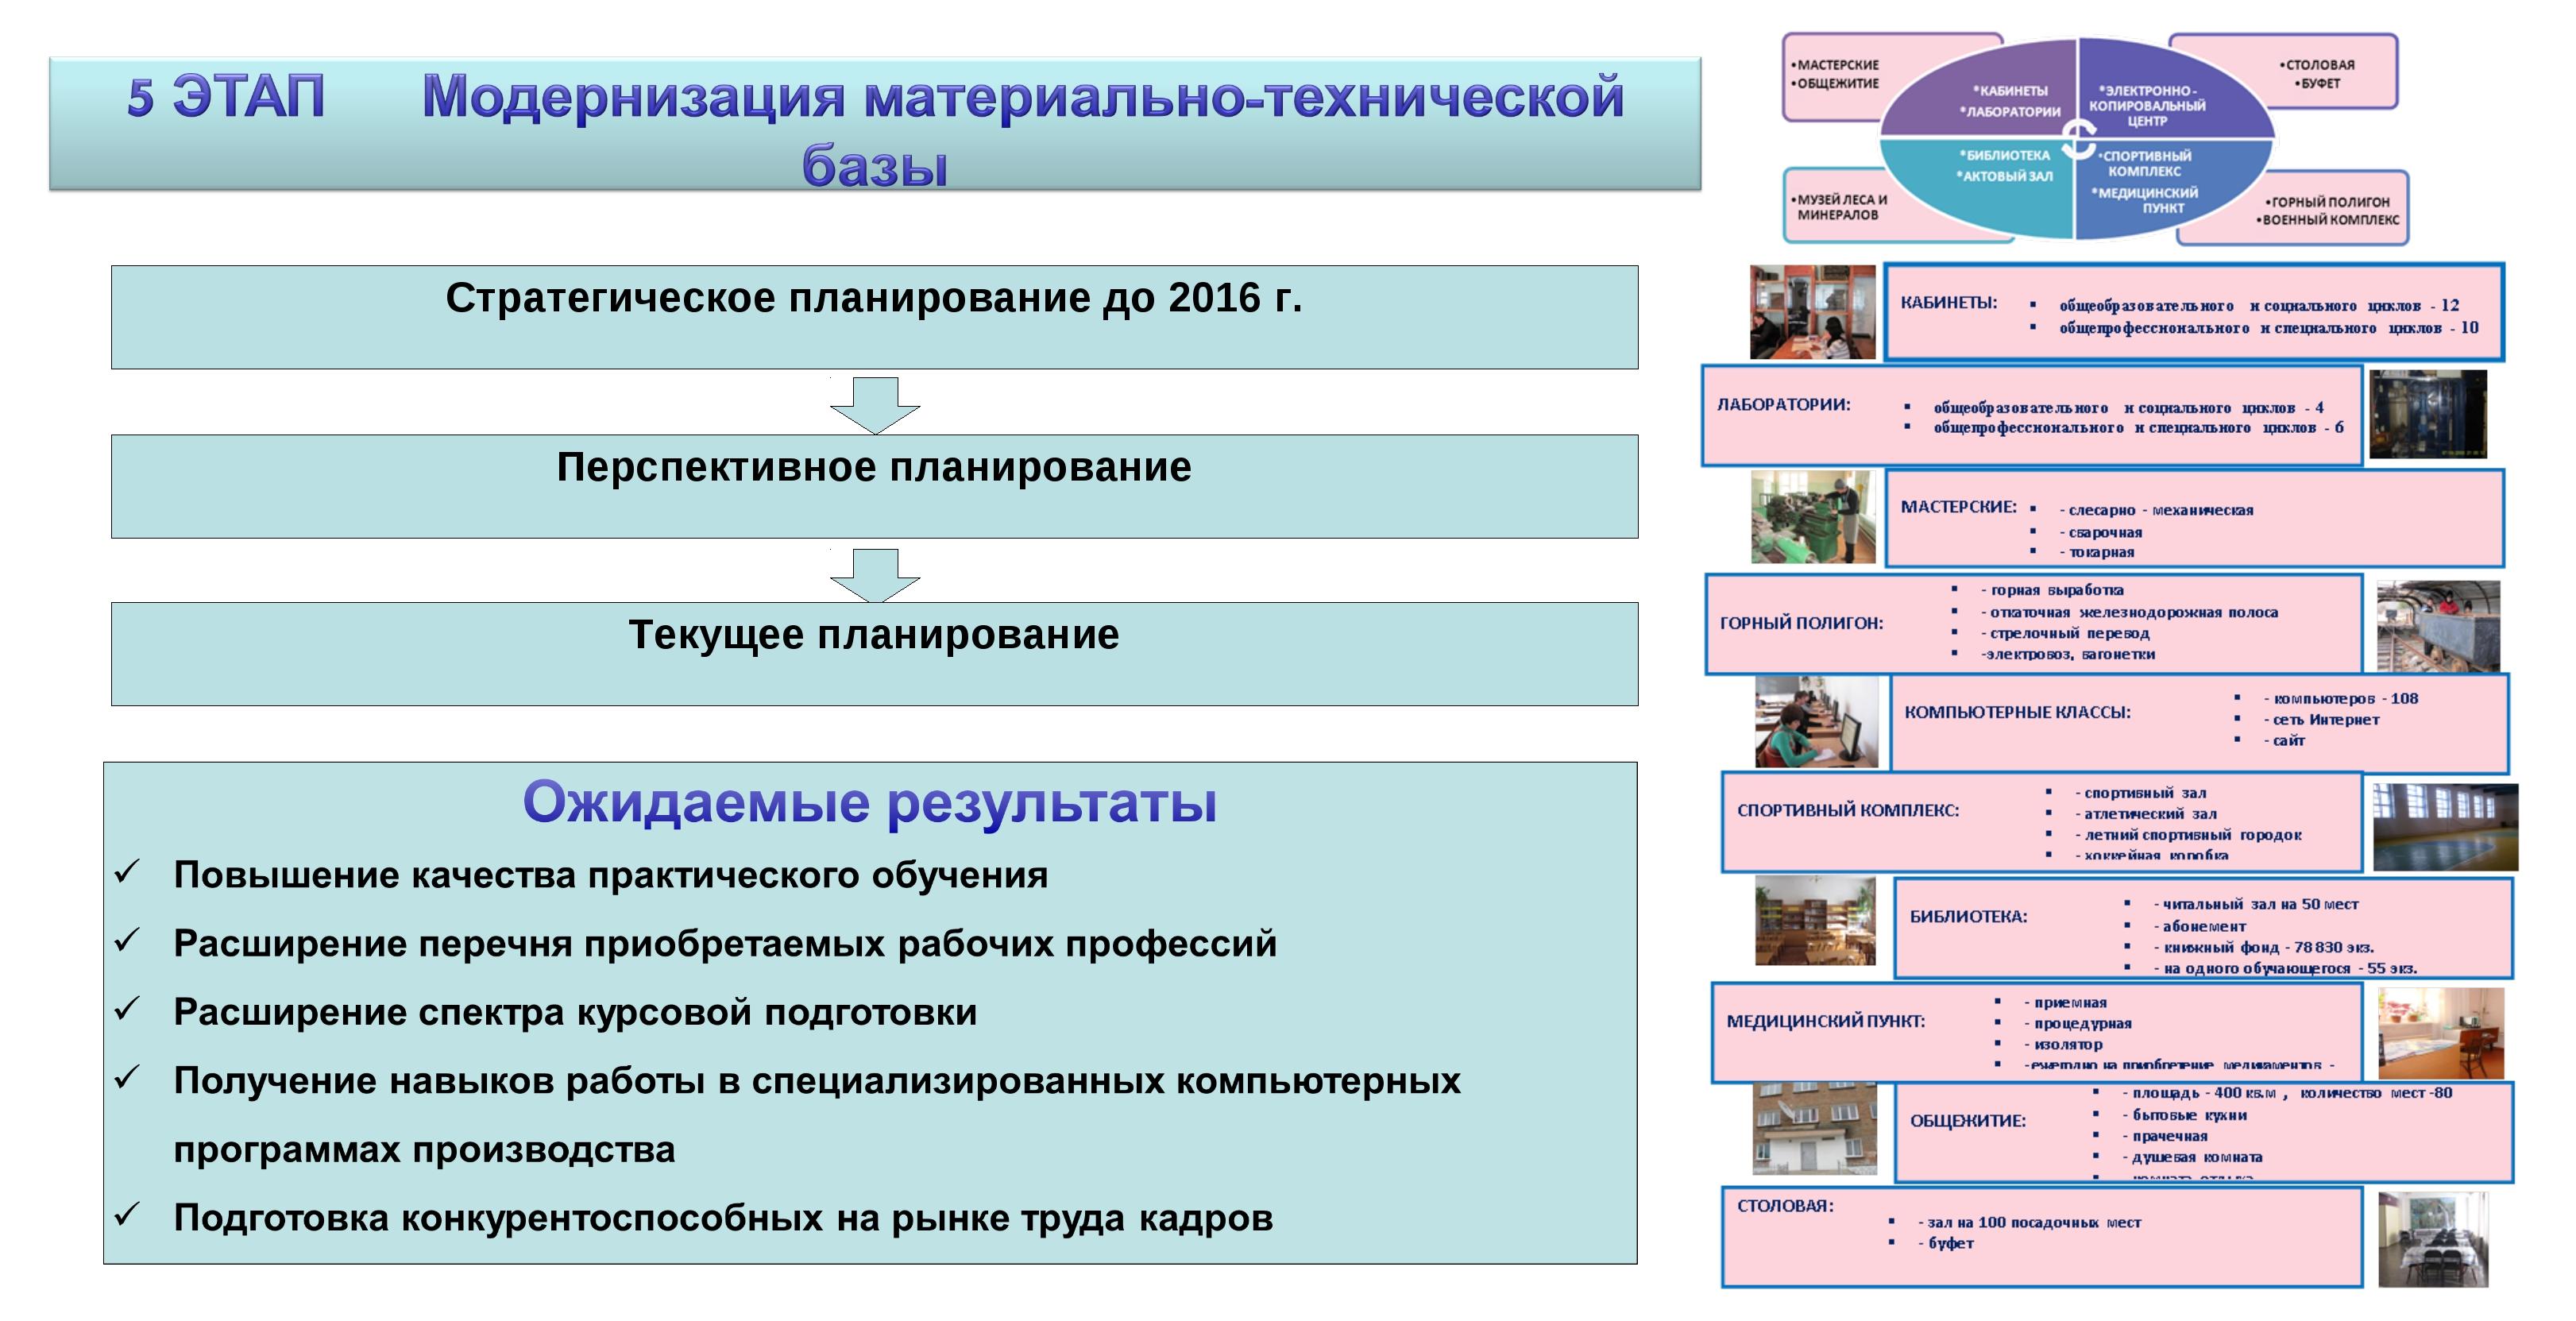 Стратегическое планирование до 2016 г. Перспективное планирование Текущее пла...